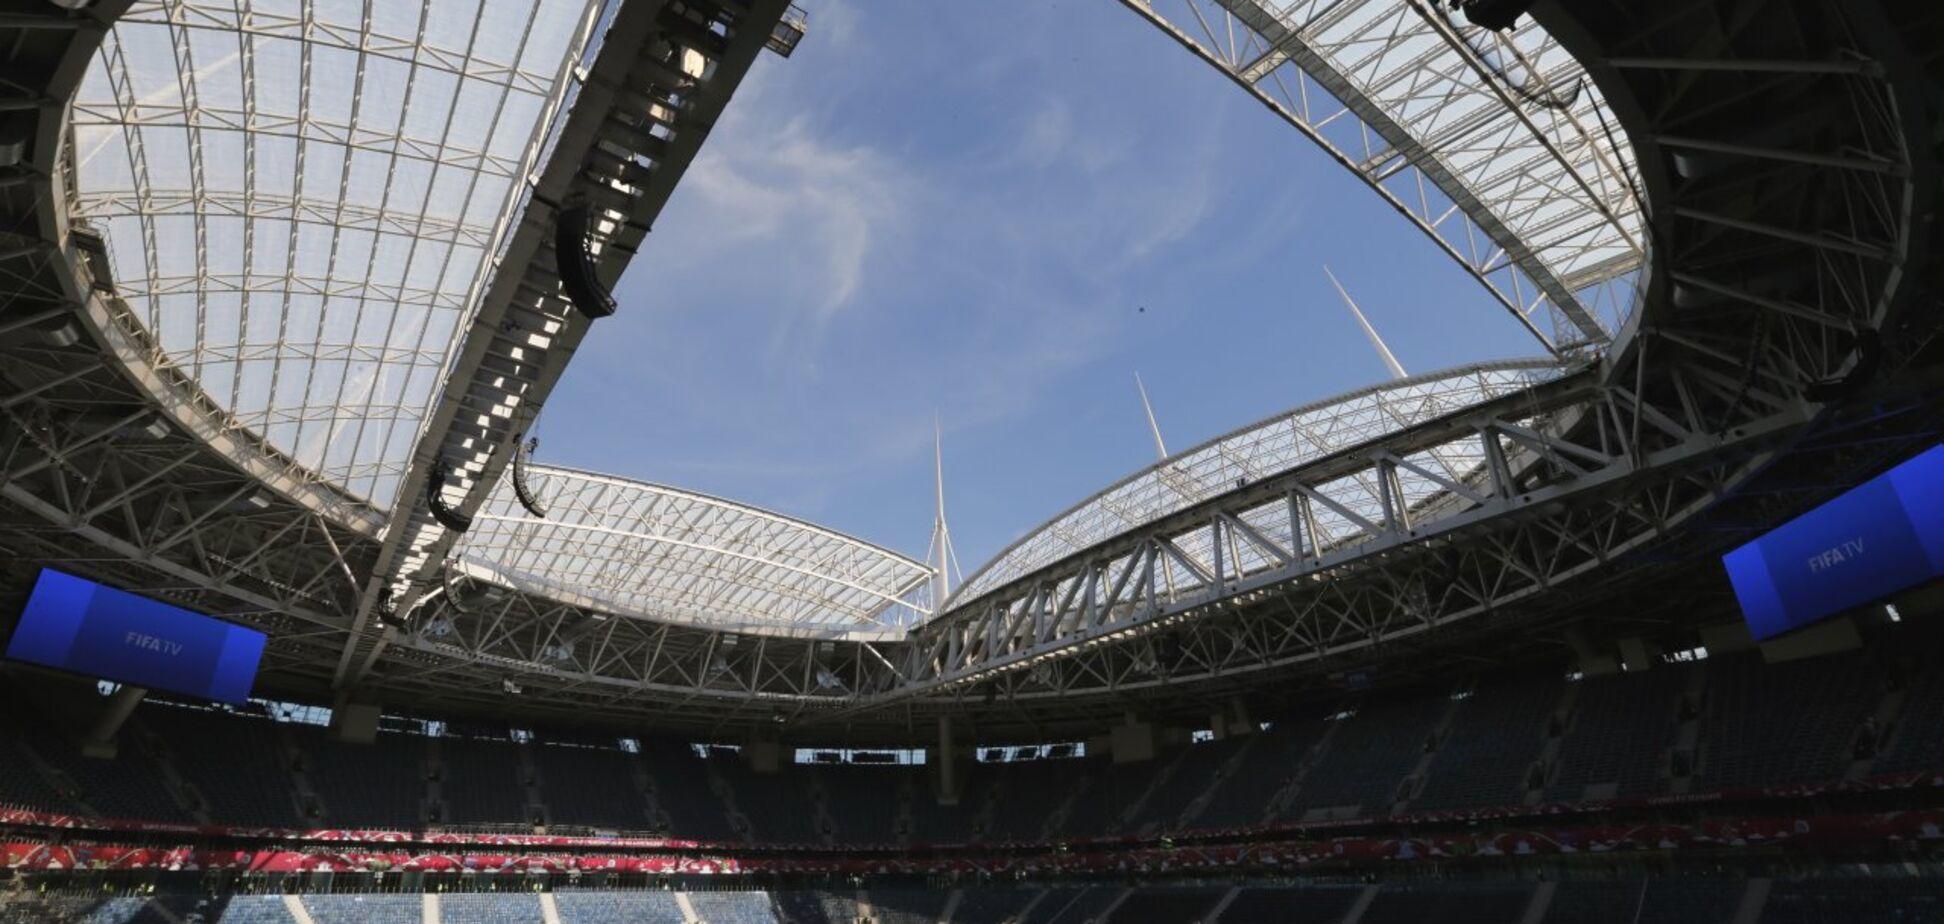 Виноваты бакланы: в России придумали нелепую отмазку проблем с главным стадионом ЧМ-2018, рассмешив сеть